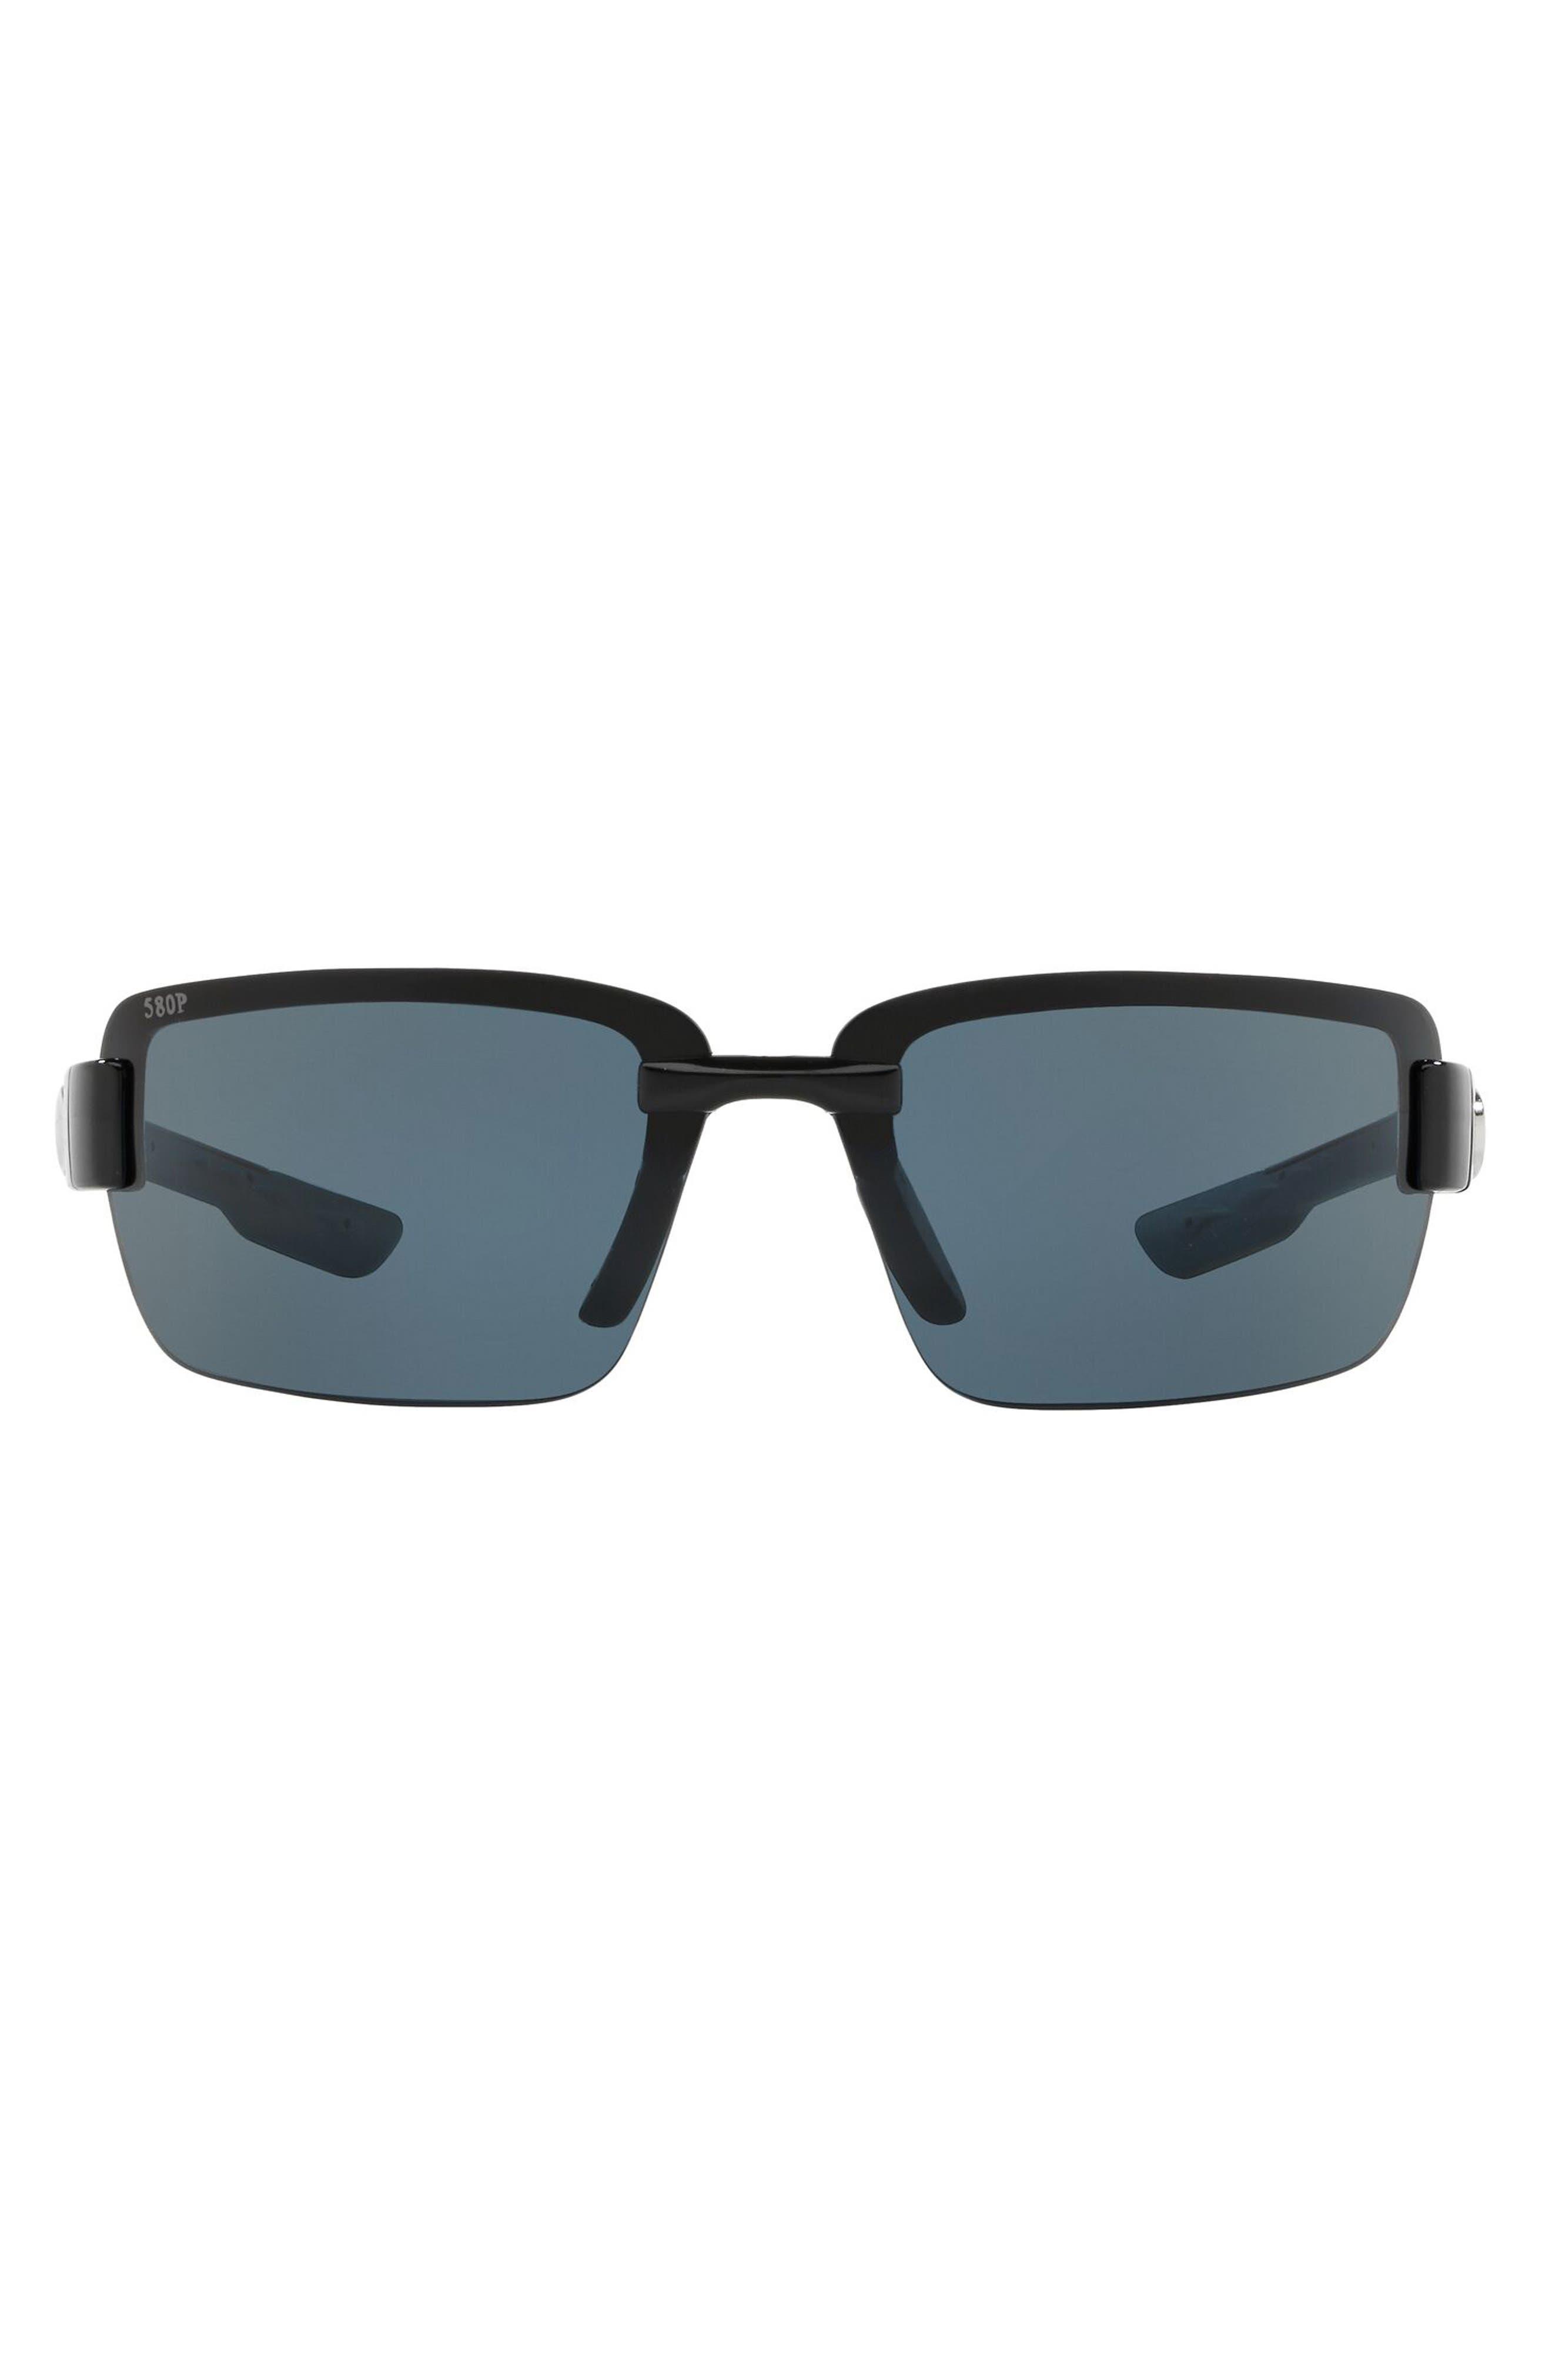 67mm Polarized Oversize Wraparound Sunglasses